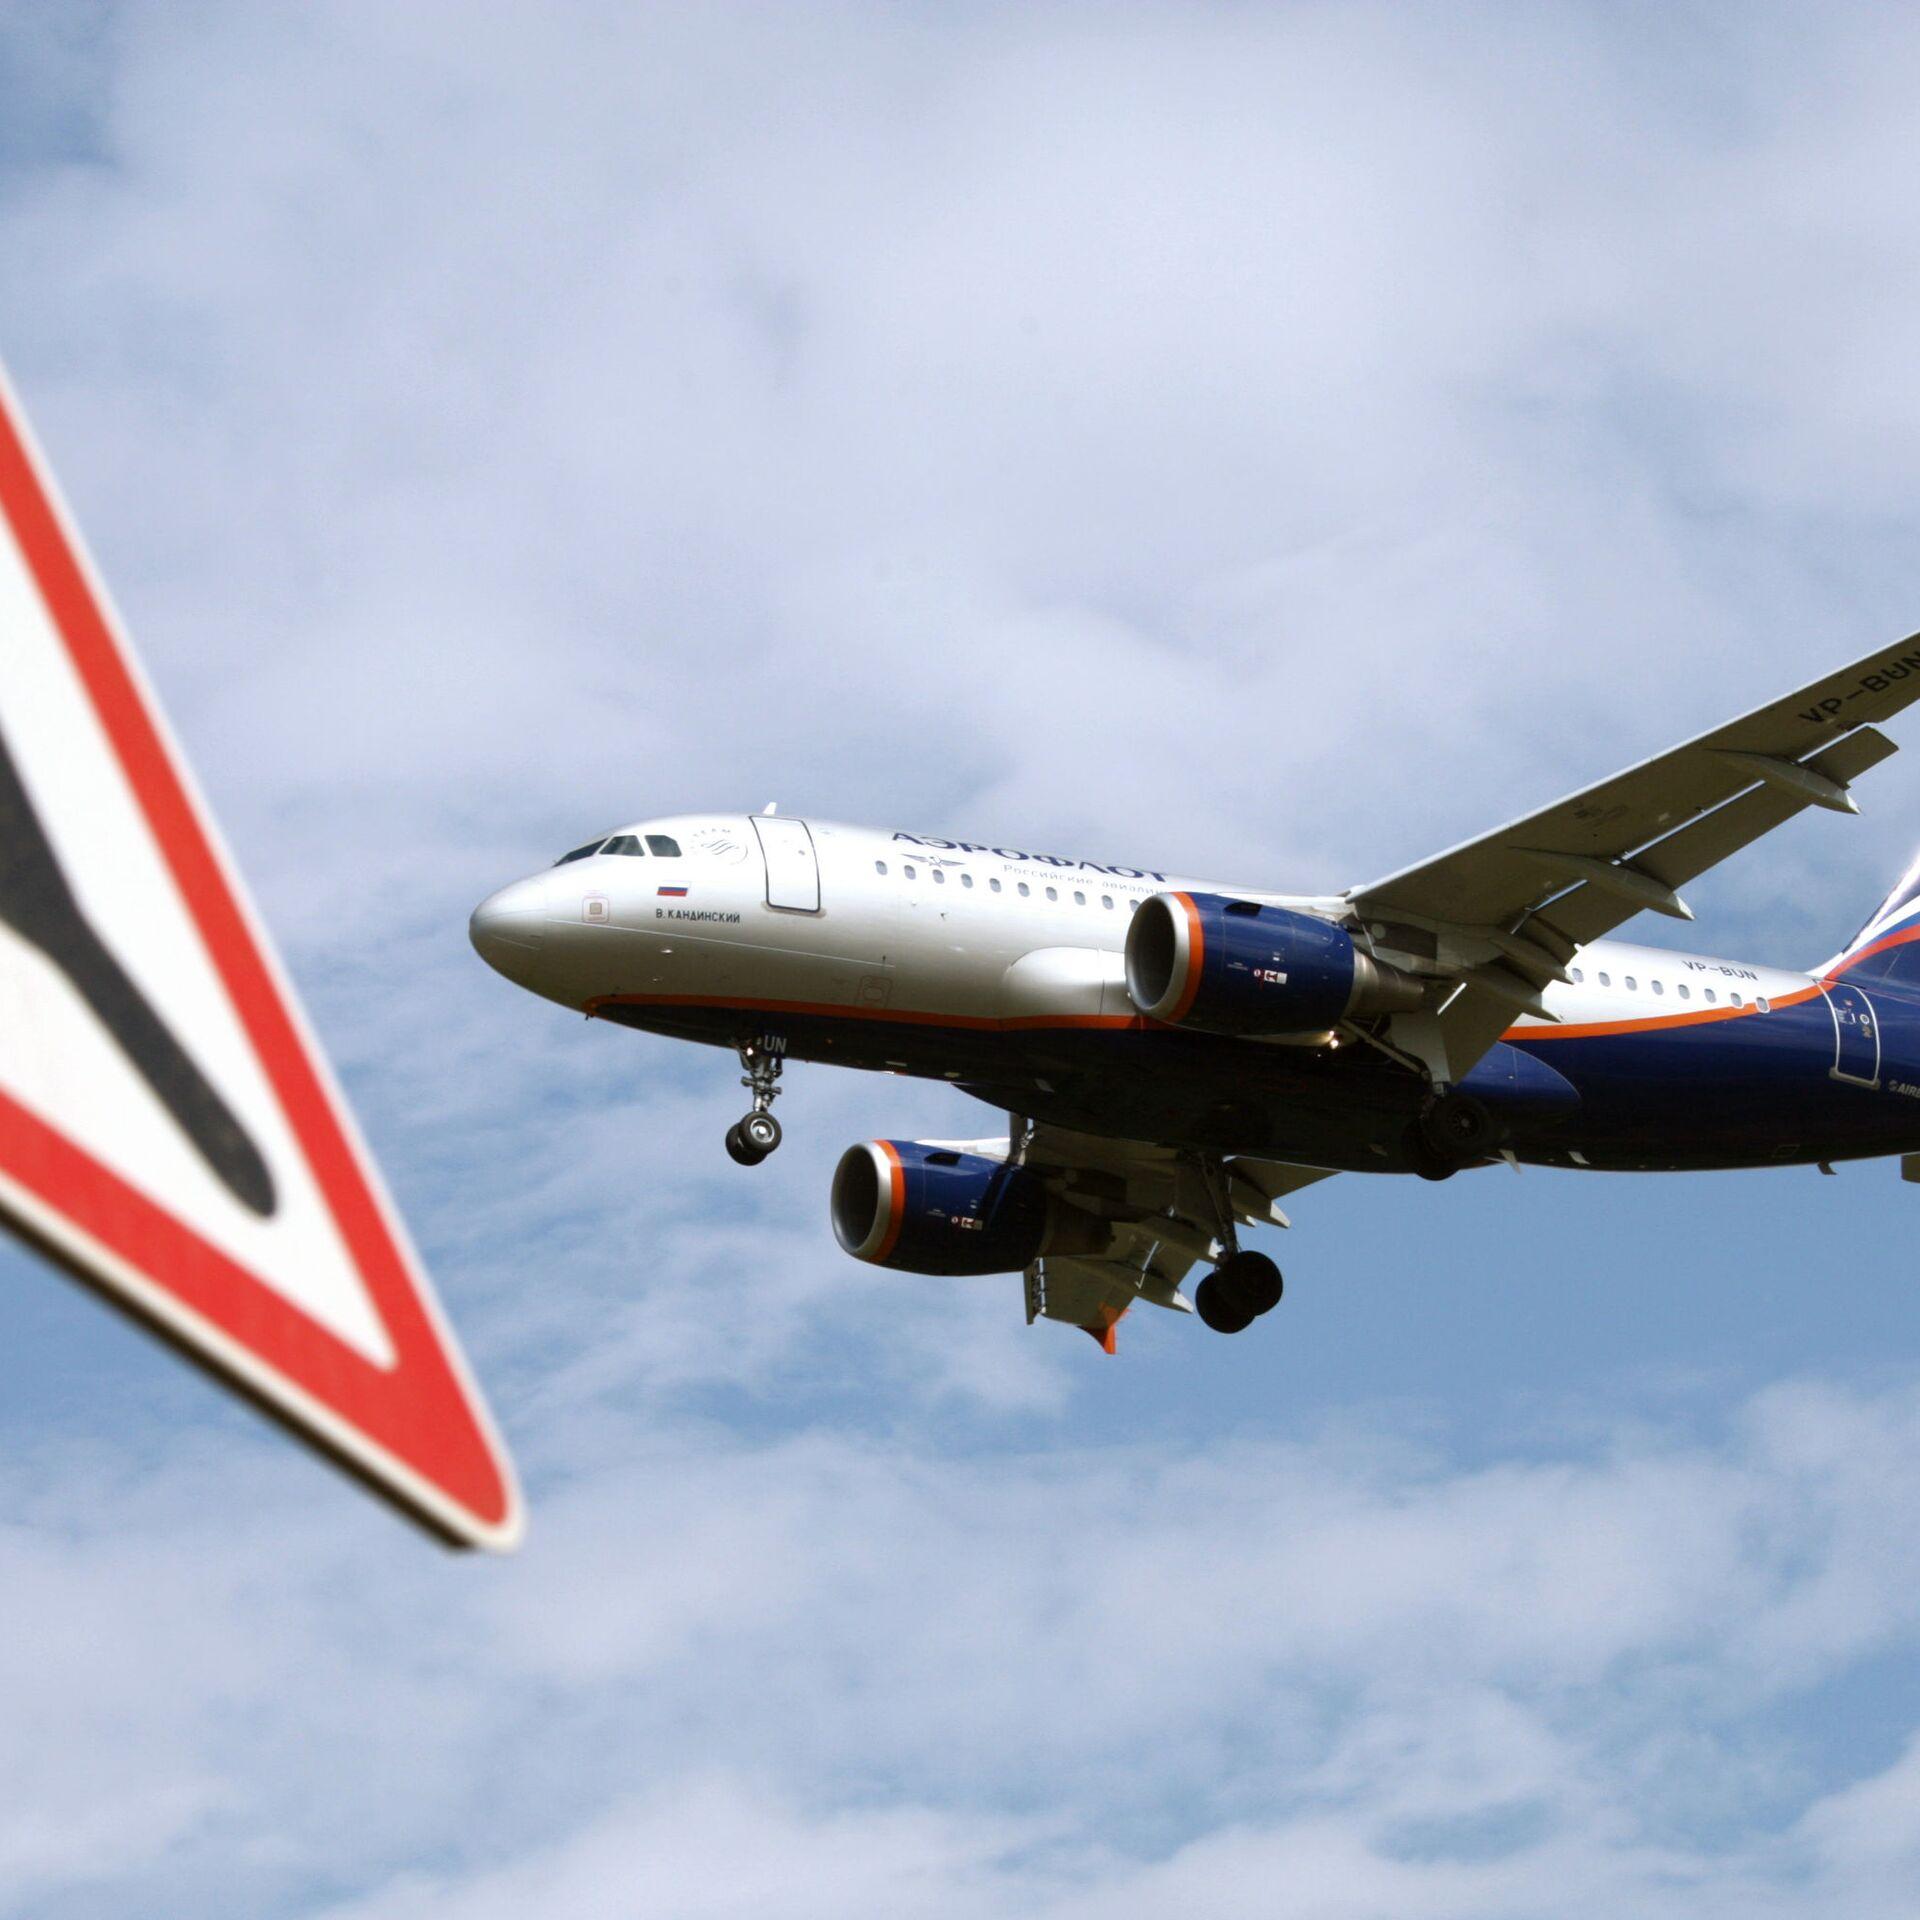 Рейс su 520 москва дубай какой самолет цены на квартиры в болгарии 2014